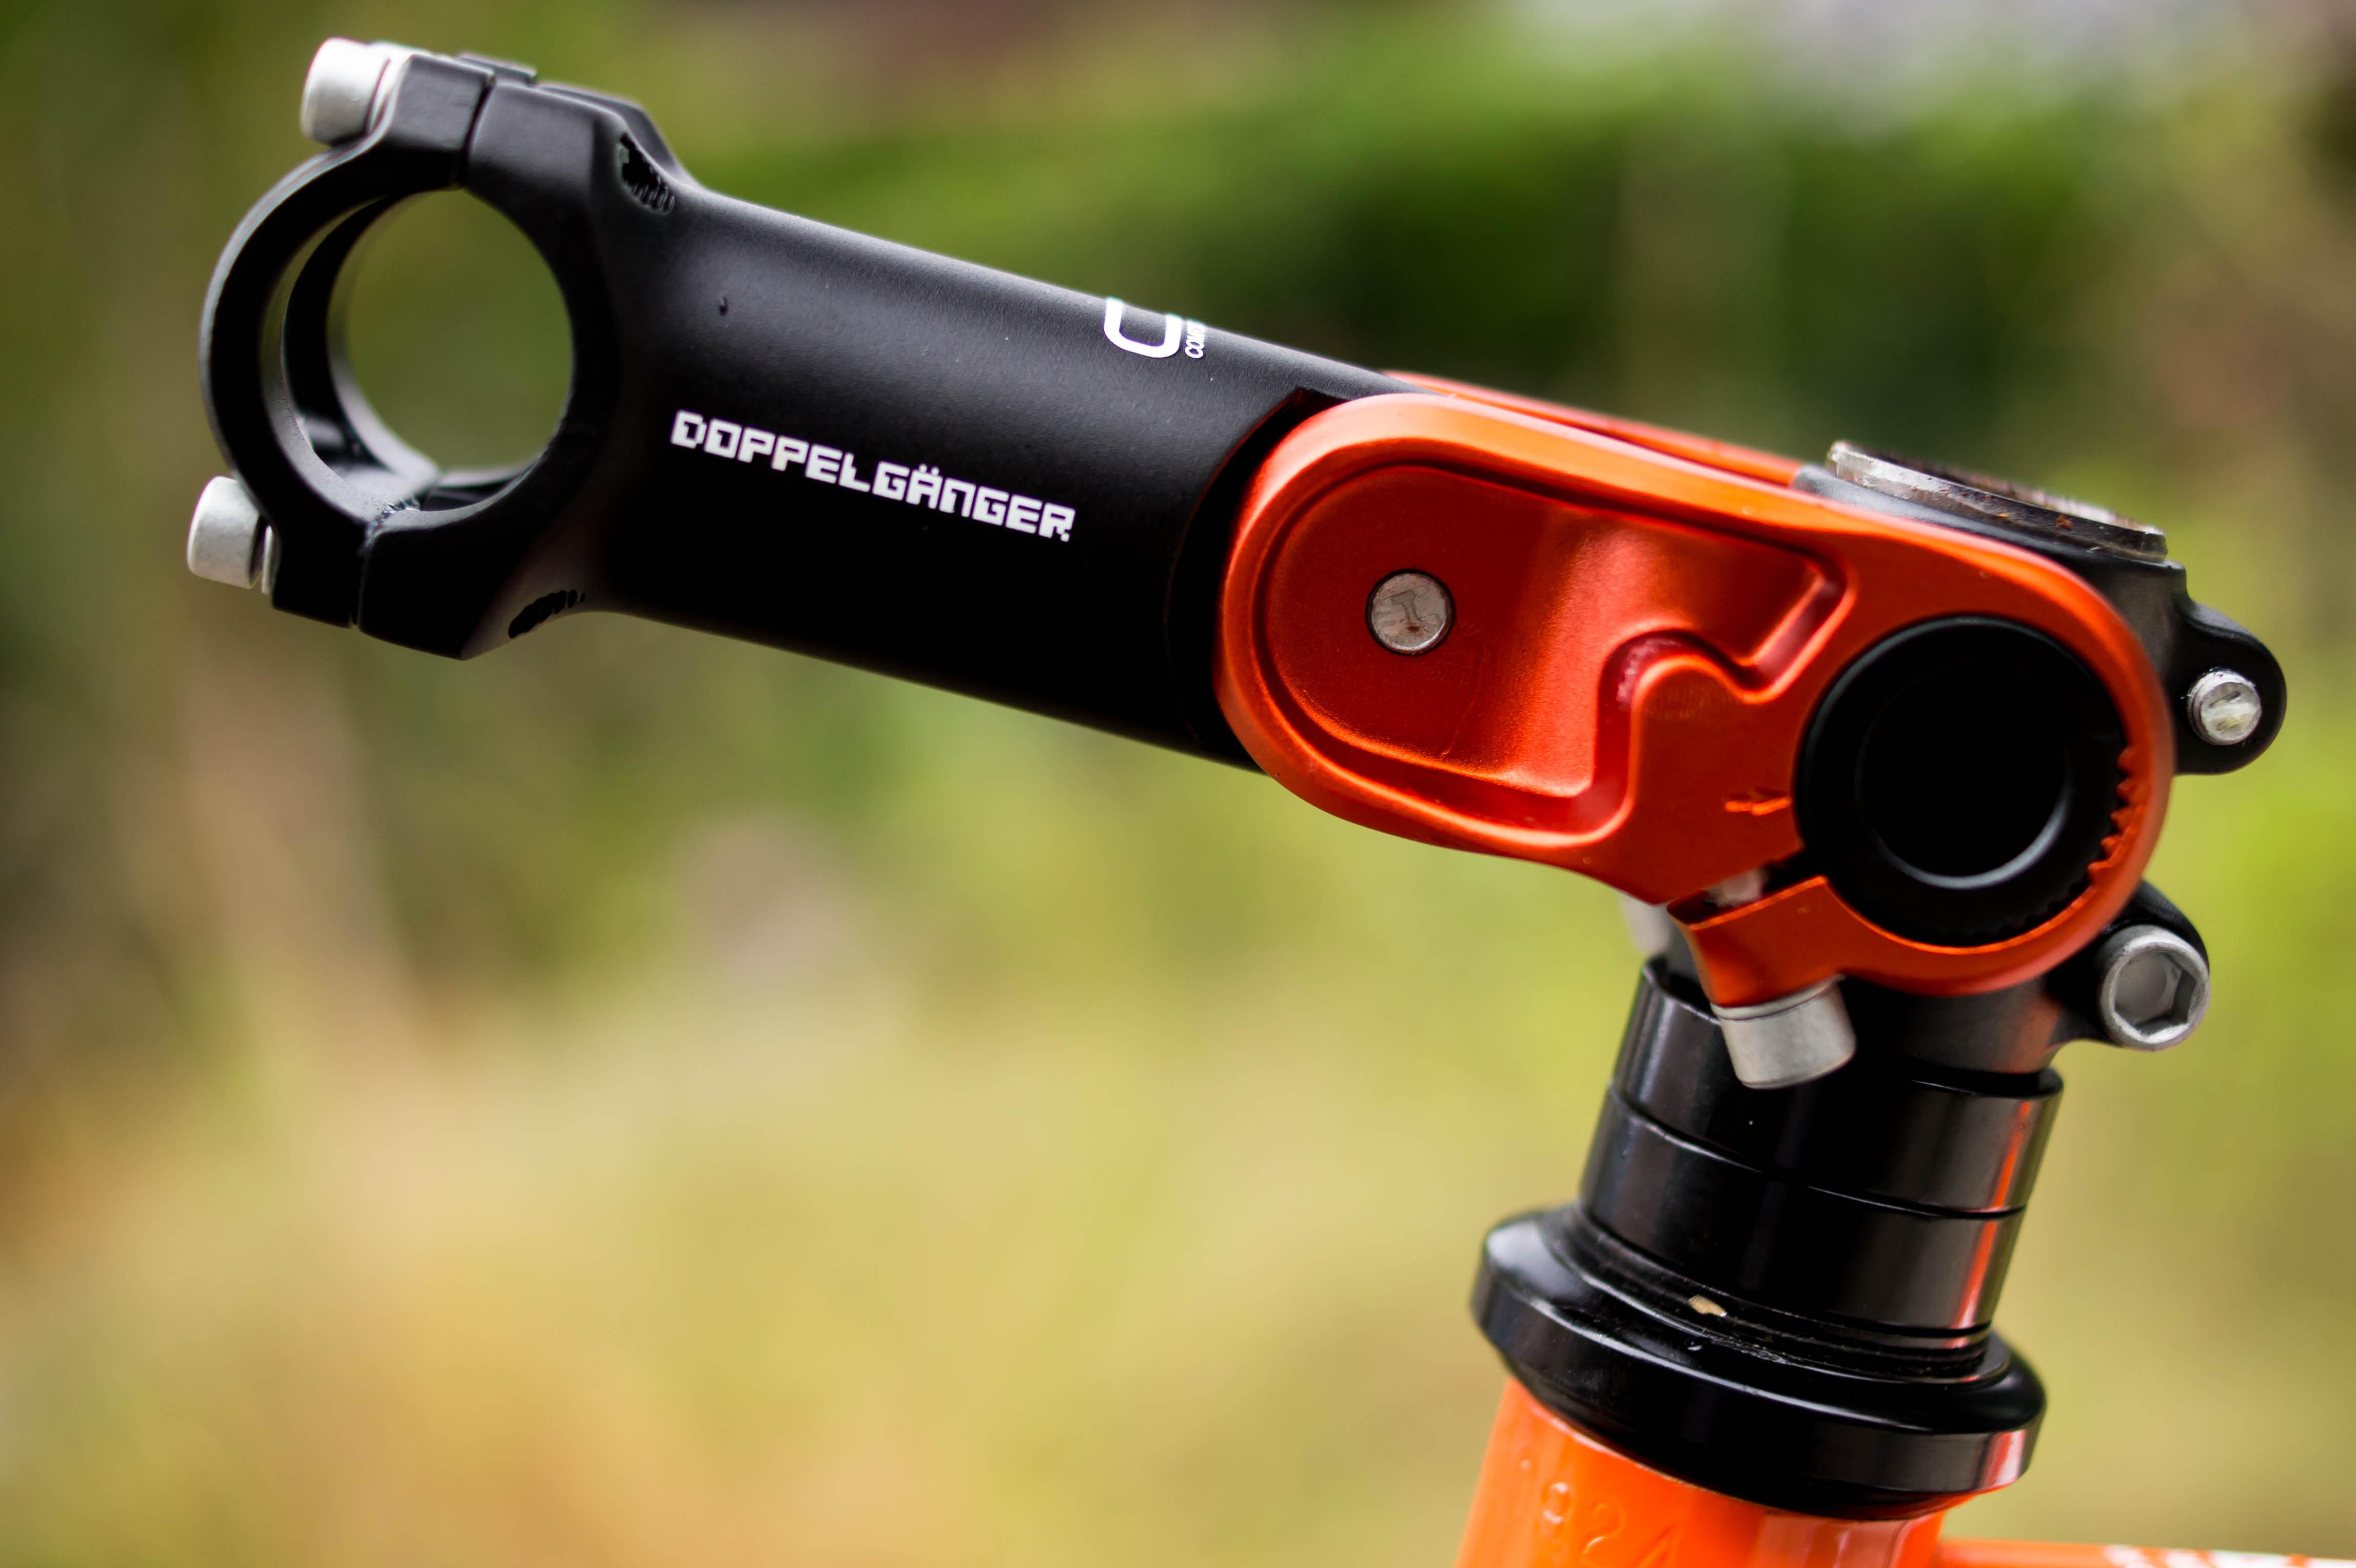 自転車の ロード自転車 レンタル : ... レンタル自転車開始に向けて